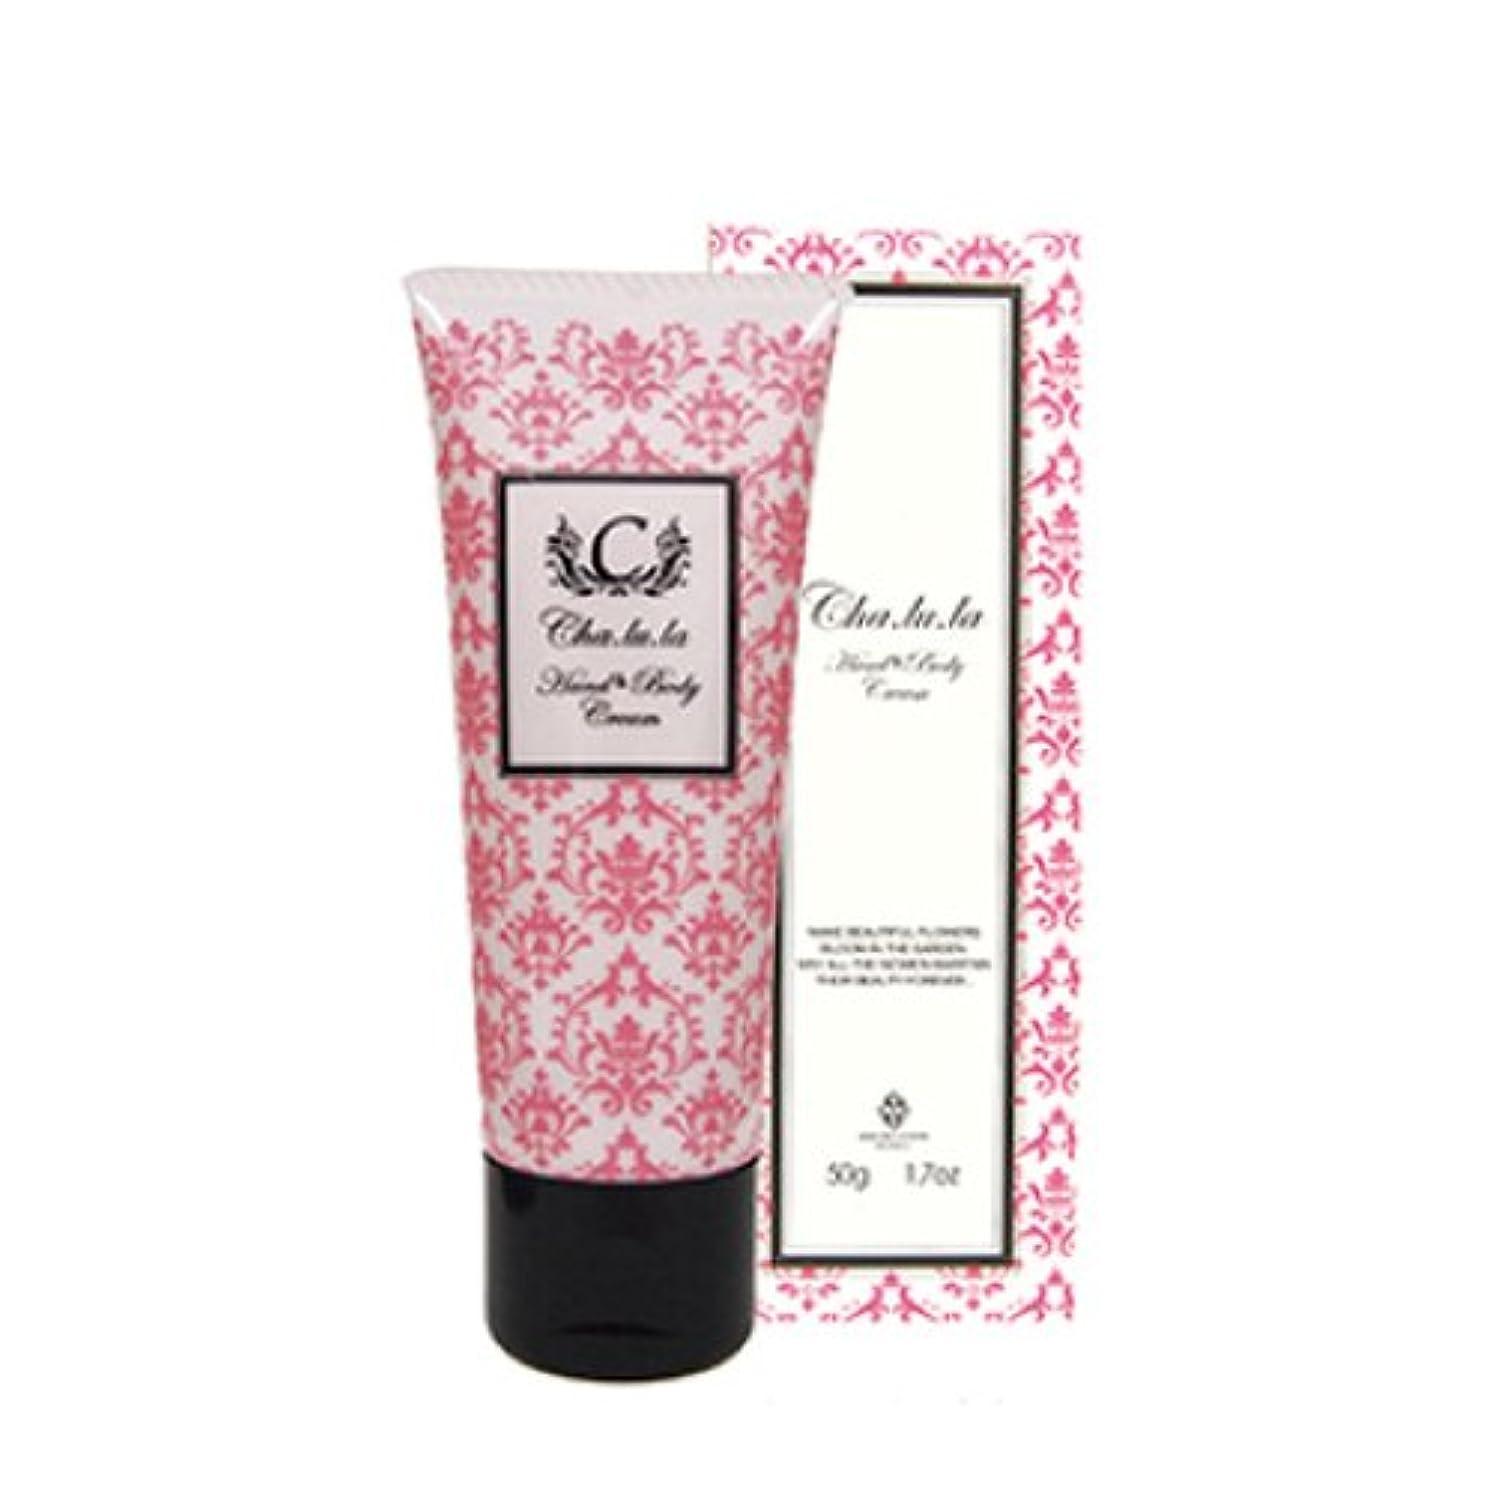 安心させるトイレ隔離するシャルラ H&Bクリーム チャームフレグランスの香り <ハンド&ボディークリーム> 50g